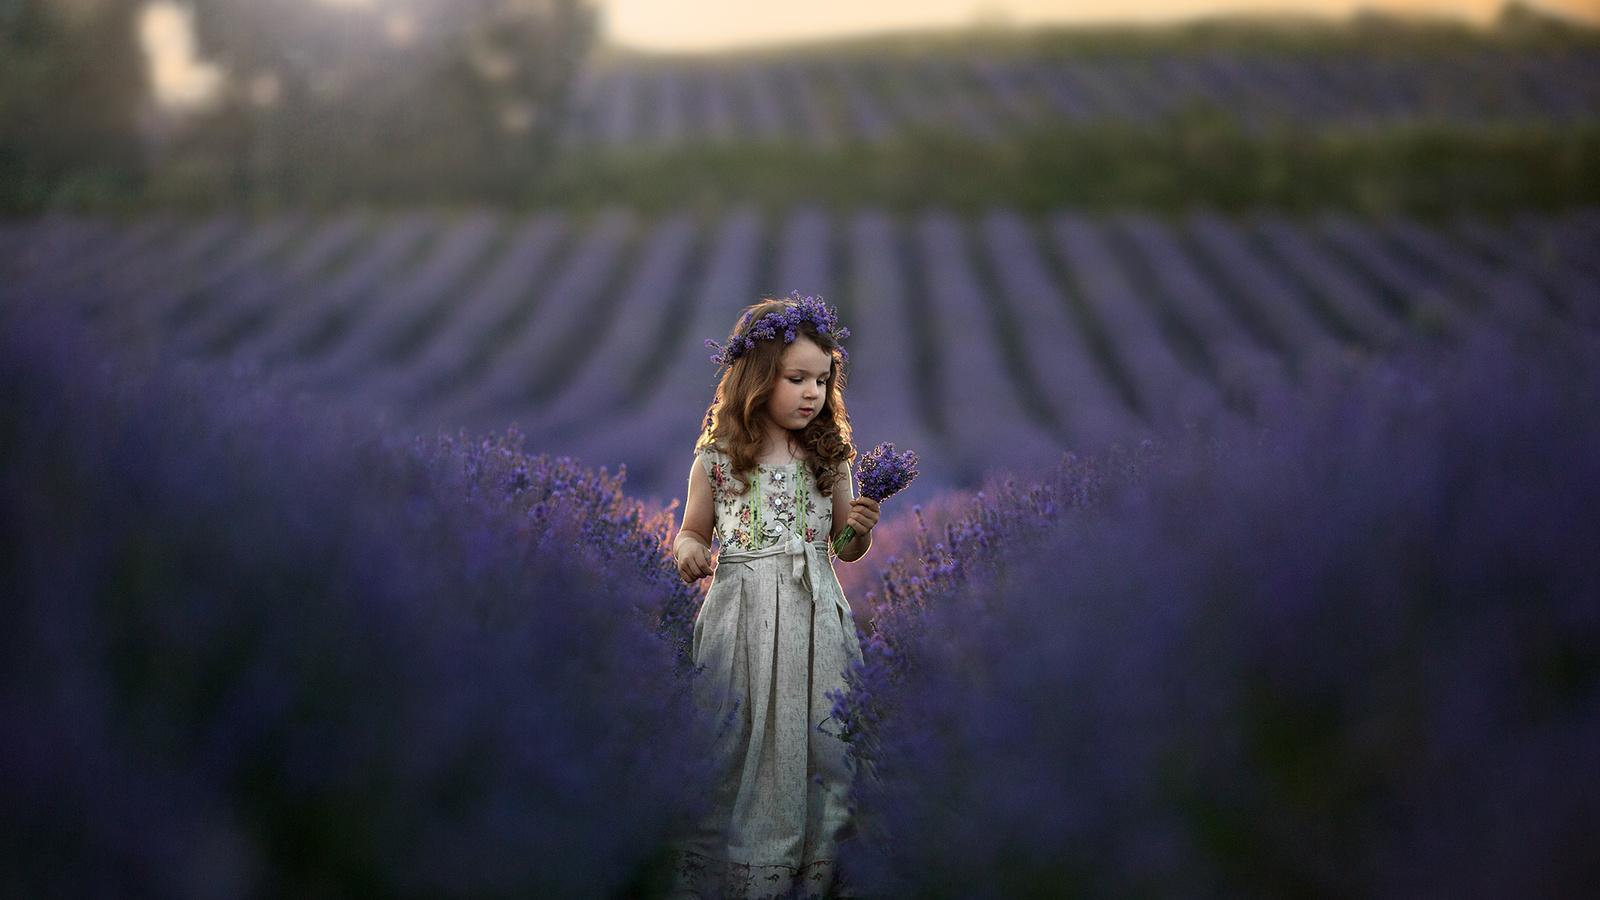 поле, природа, платье, девочка, венок, ребёнок, букетик, лаванда, кудрова татьяна